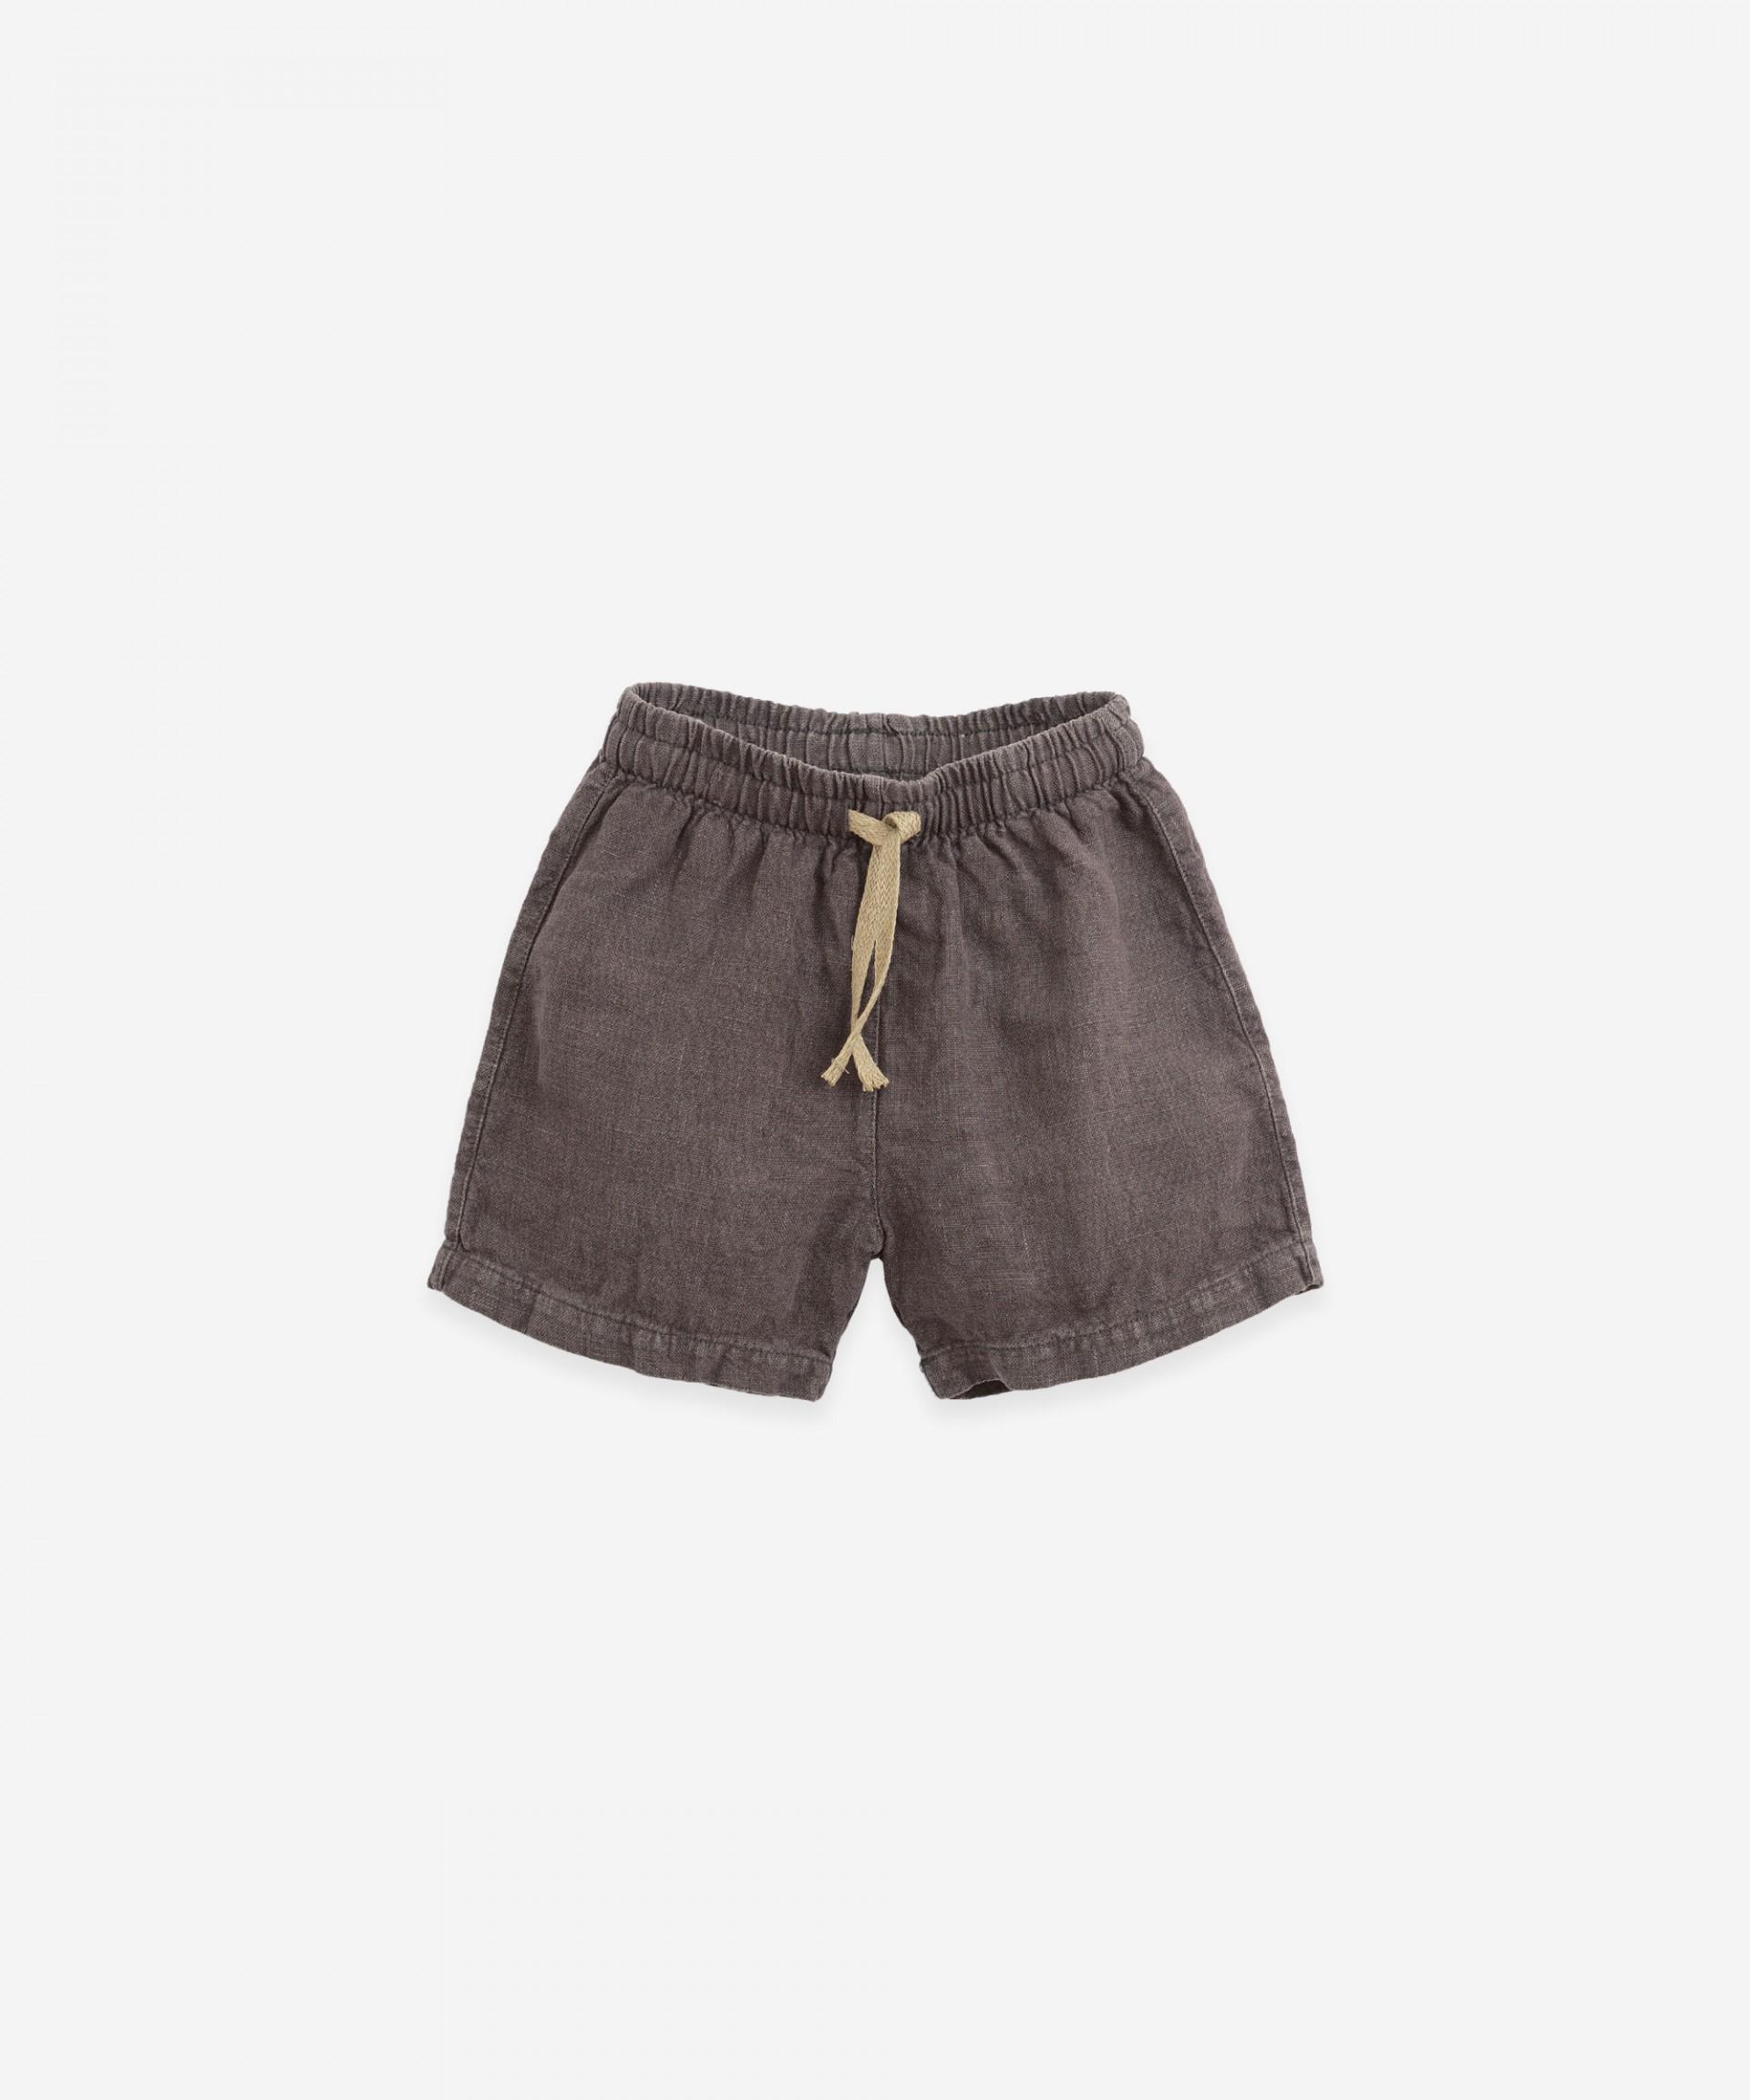 Pantalón corto con bolsillo | Botany